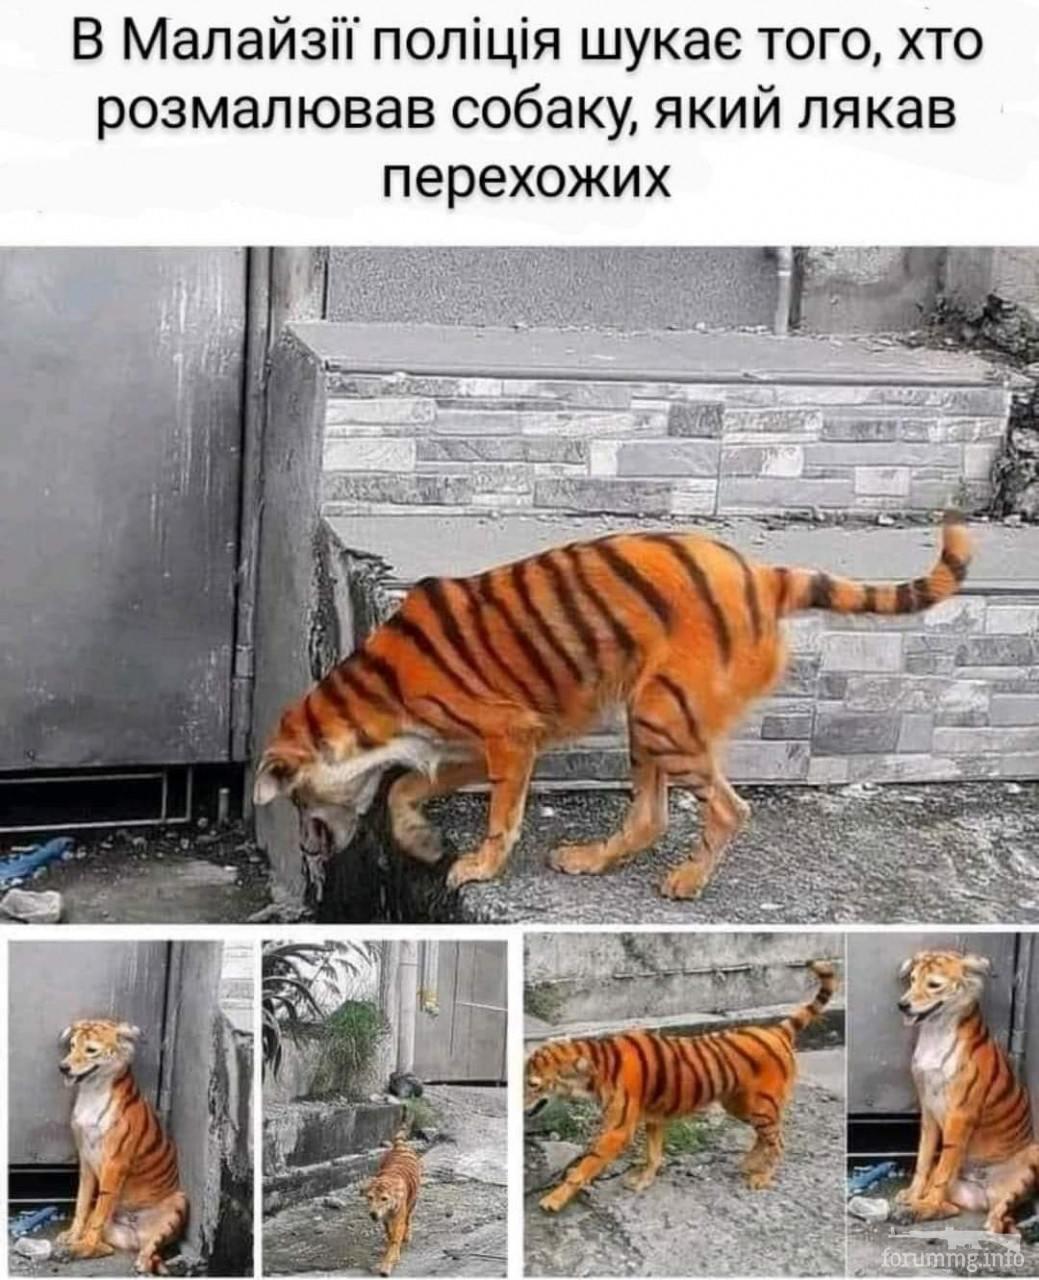 115636 - Смешные видео и фото с животными.